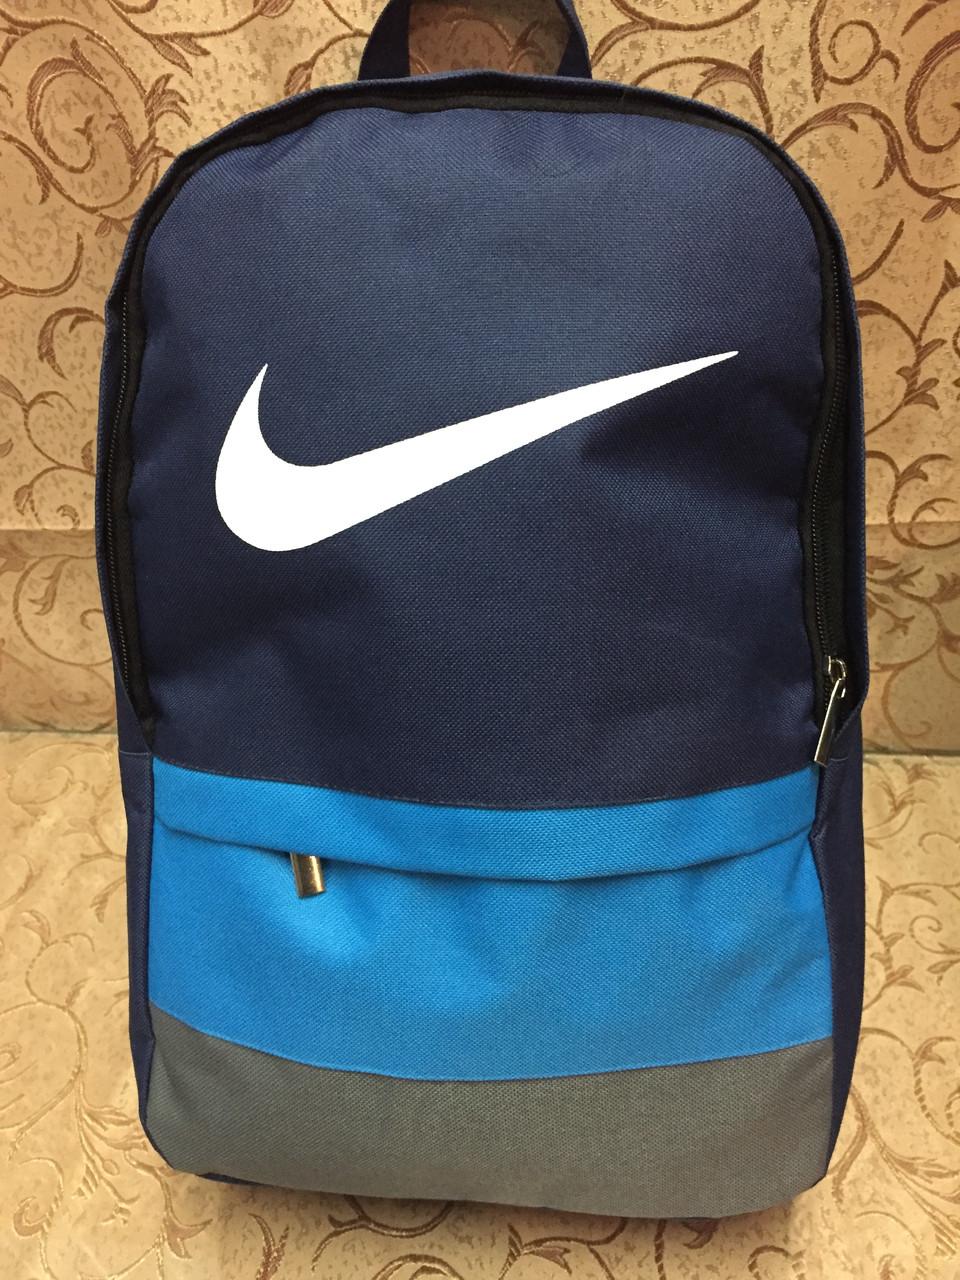 Хит спорт фото рюкзаки мастер класс по пошиву сумки рюкзаки